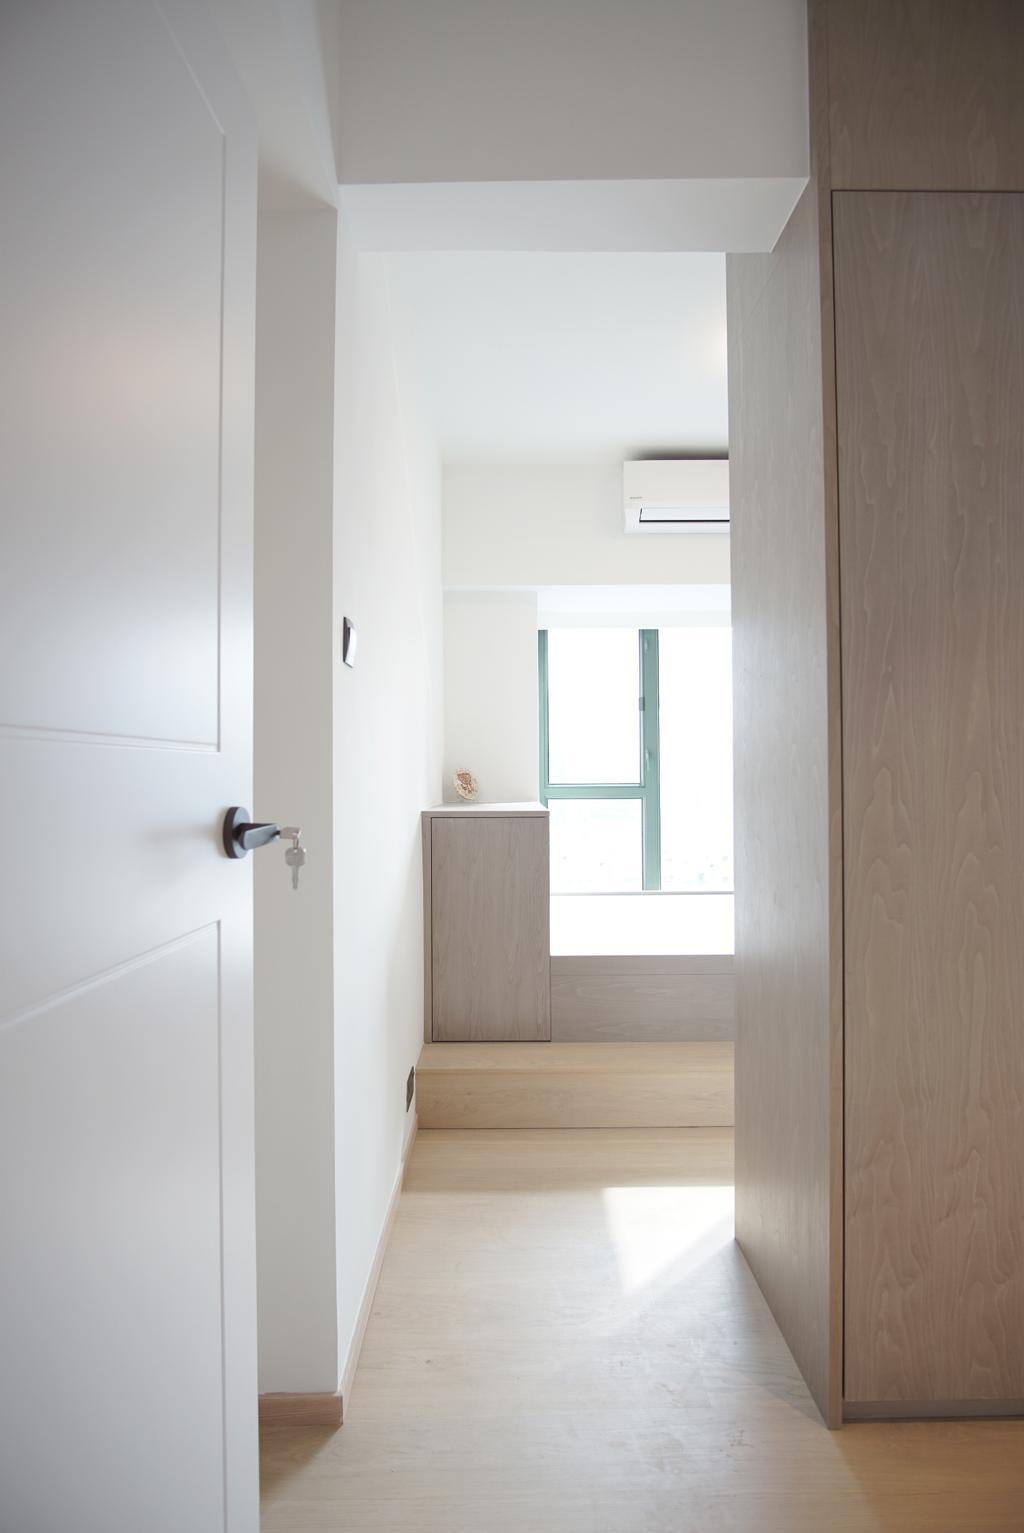 摩登, 私家樓, 睡房, 維港灣, 室內設計師, AQUA Projects, 當代